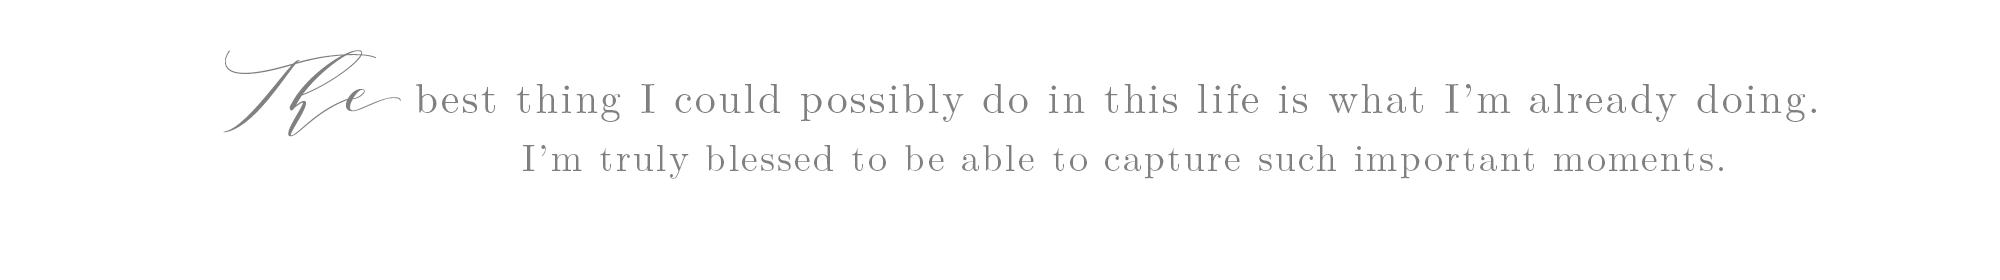 quote-7.jpg